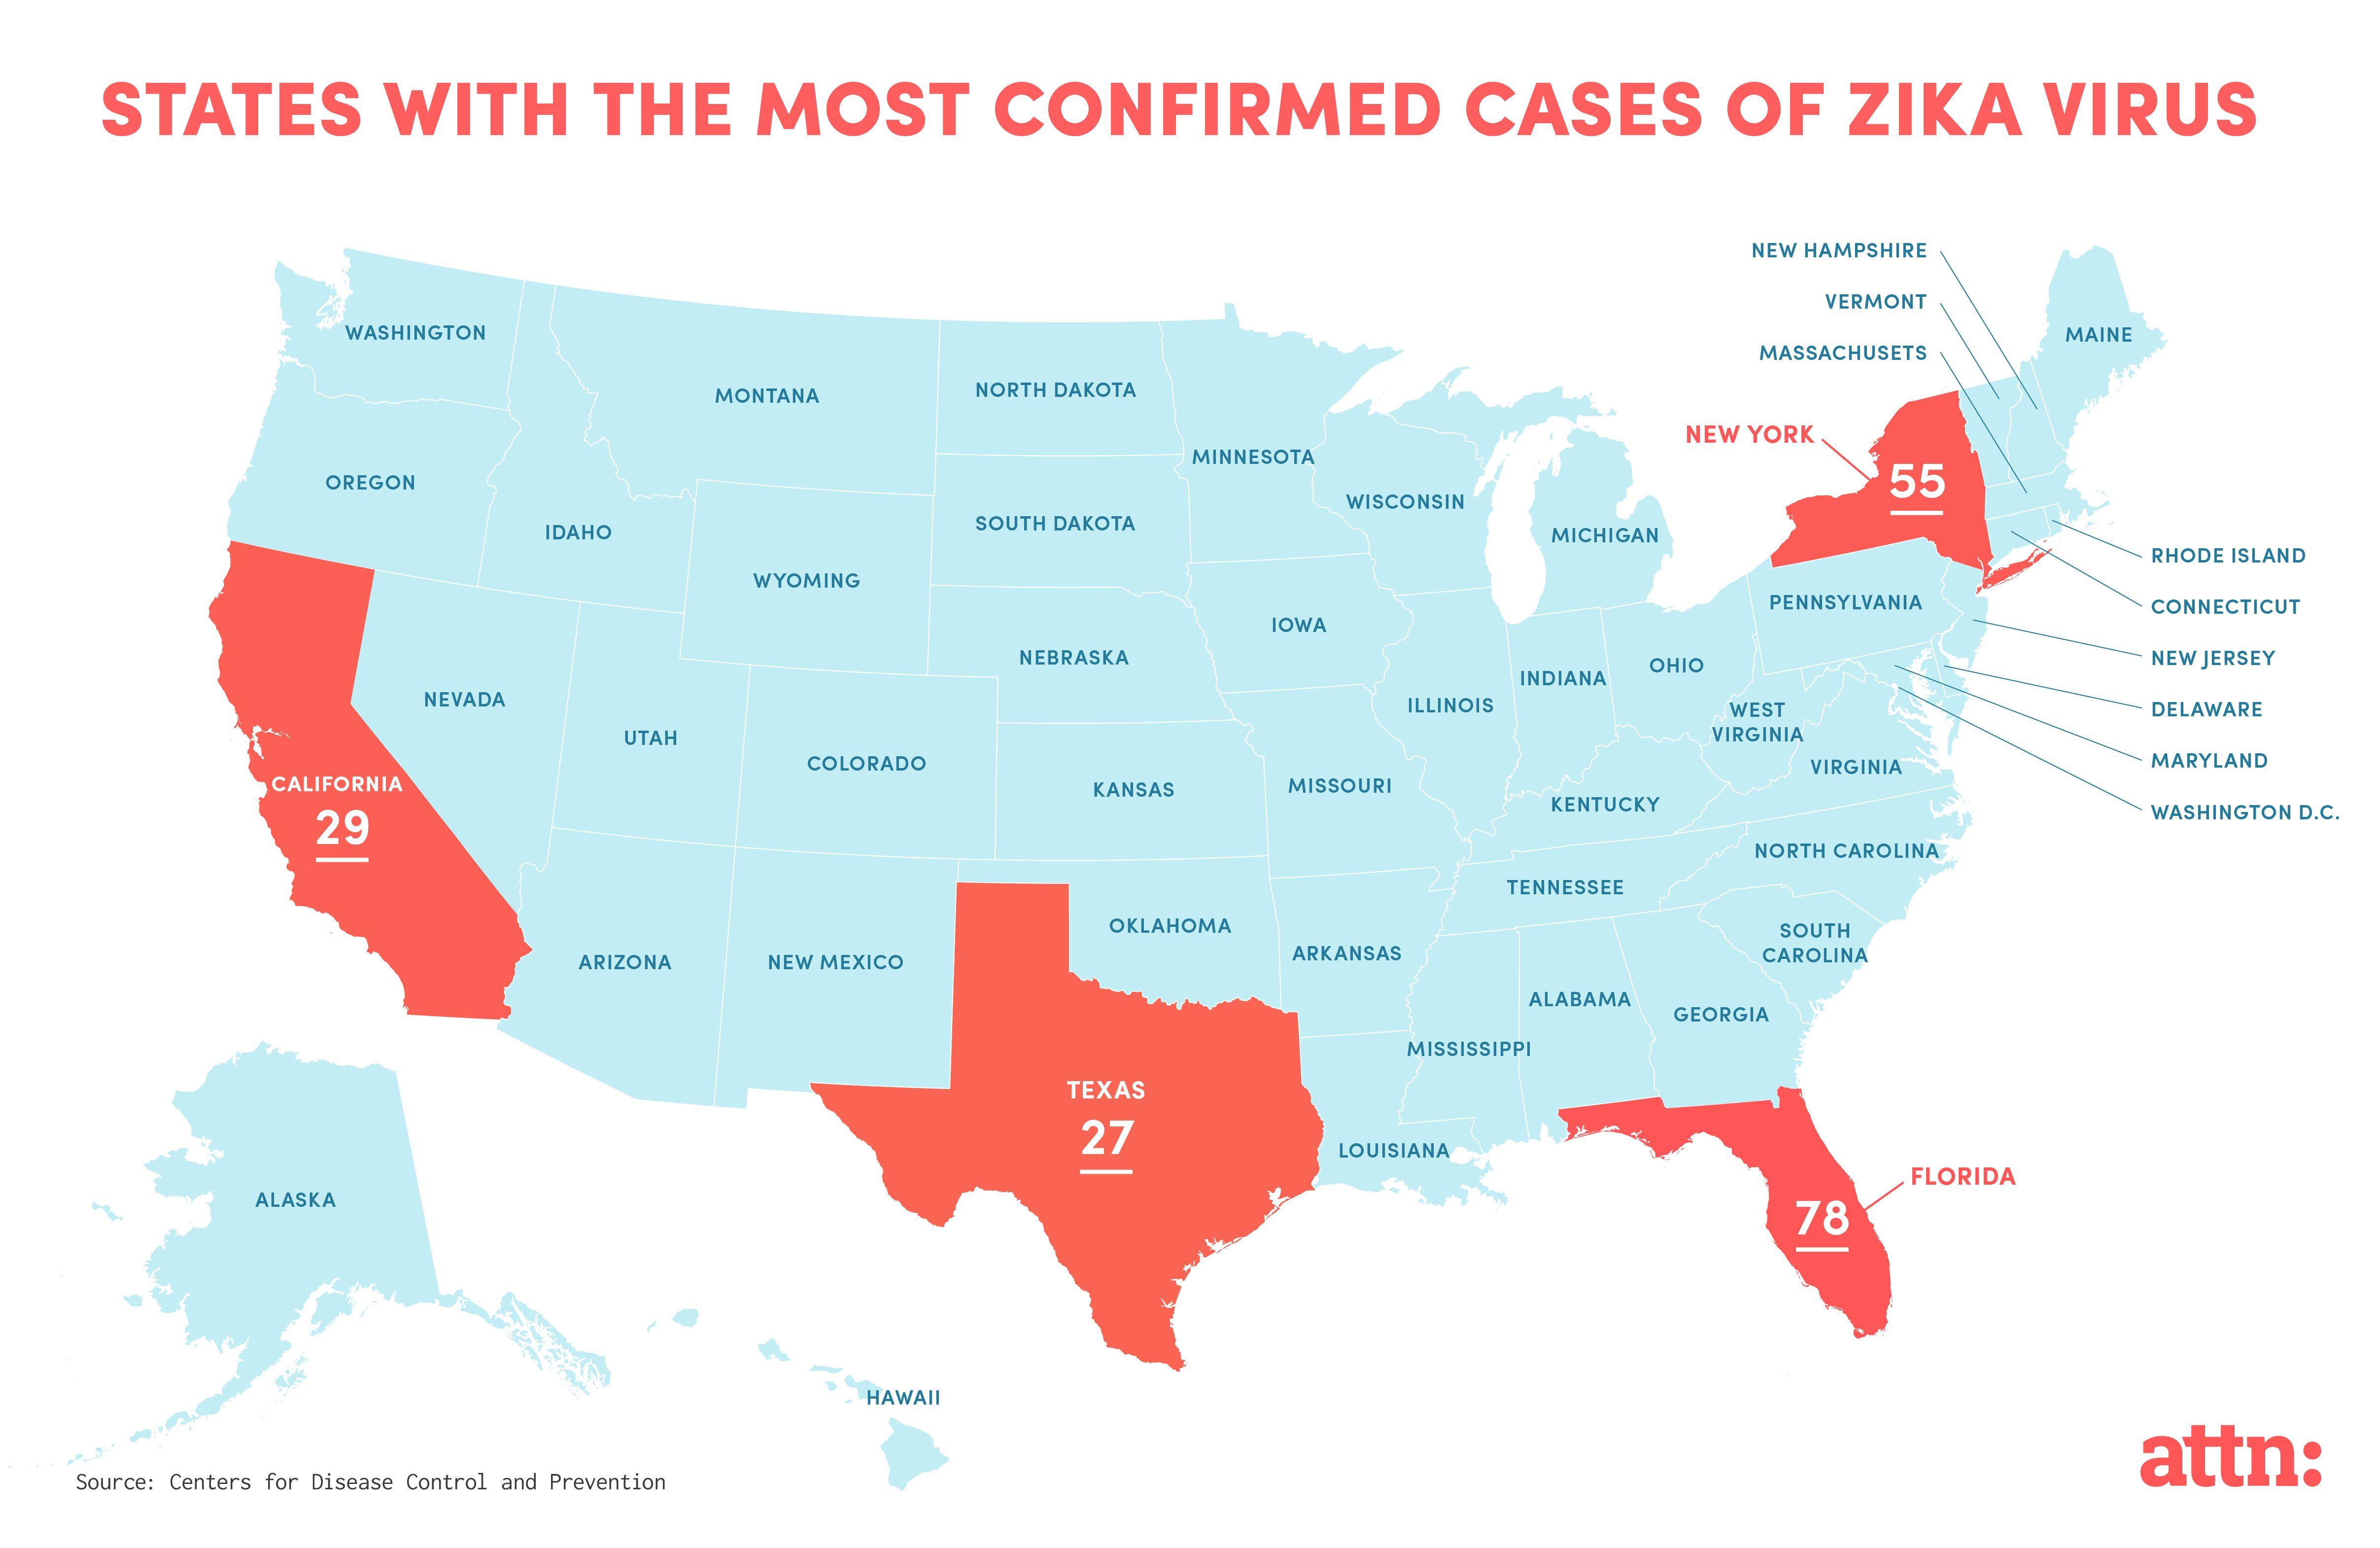 Zika Virus Florida Map Luxury Zika Virus Map Usa States | Map Of Canada - Zika Virus Florida Map